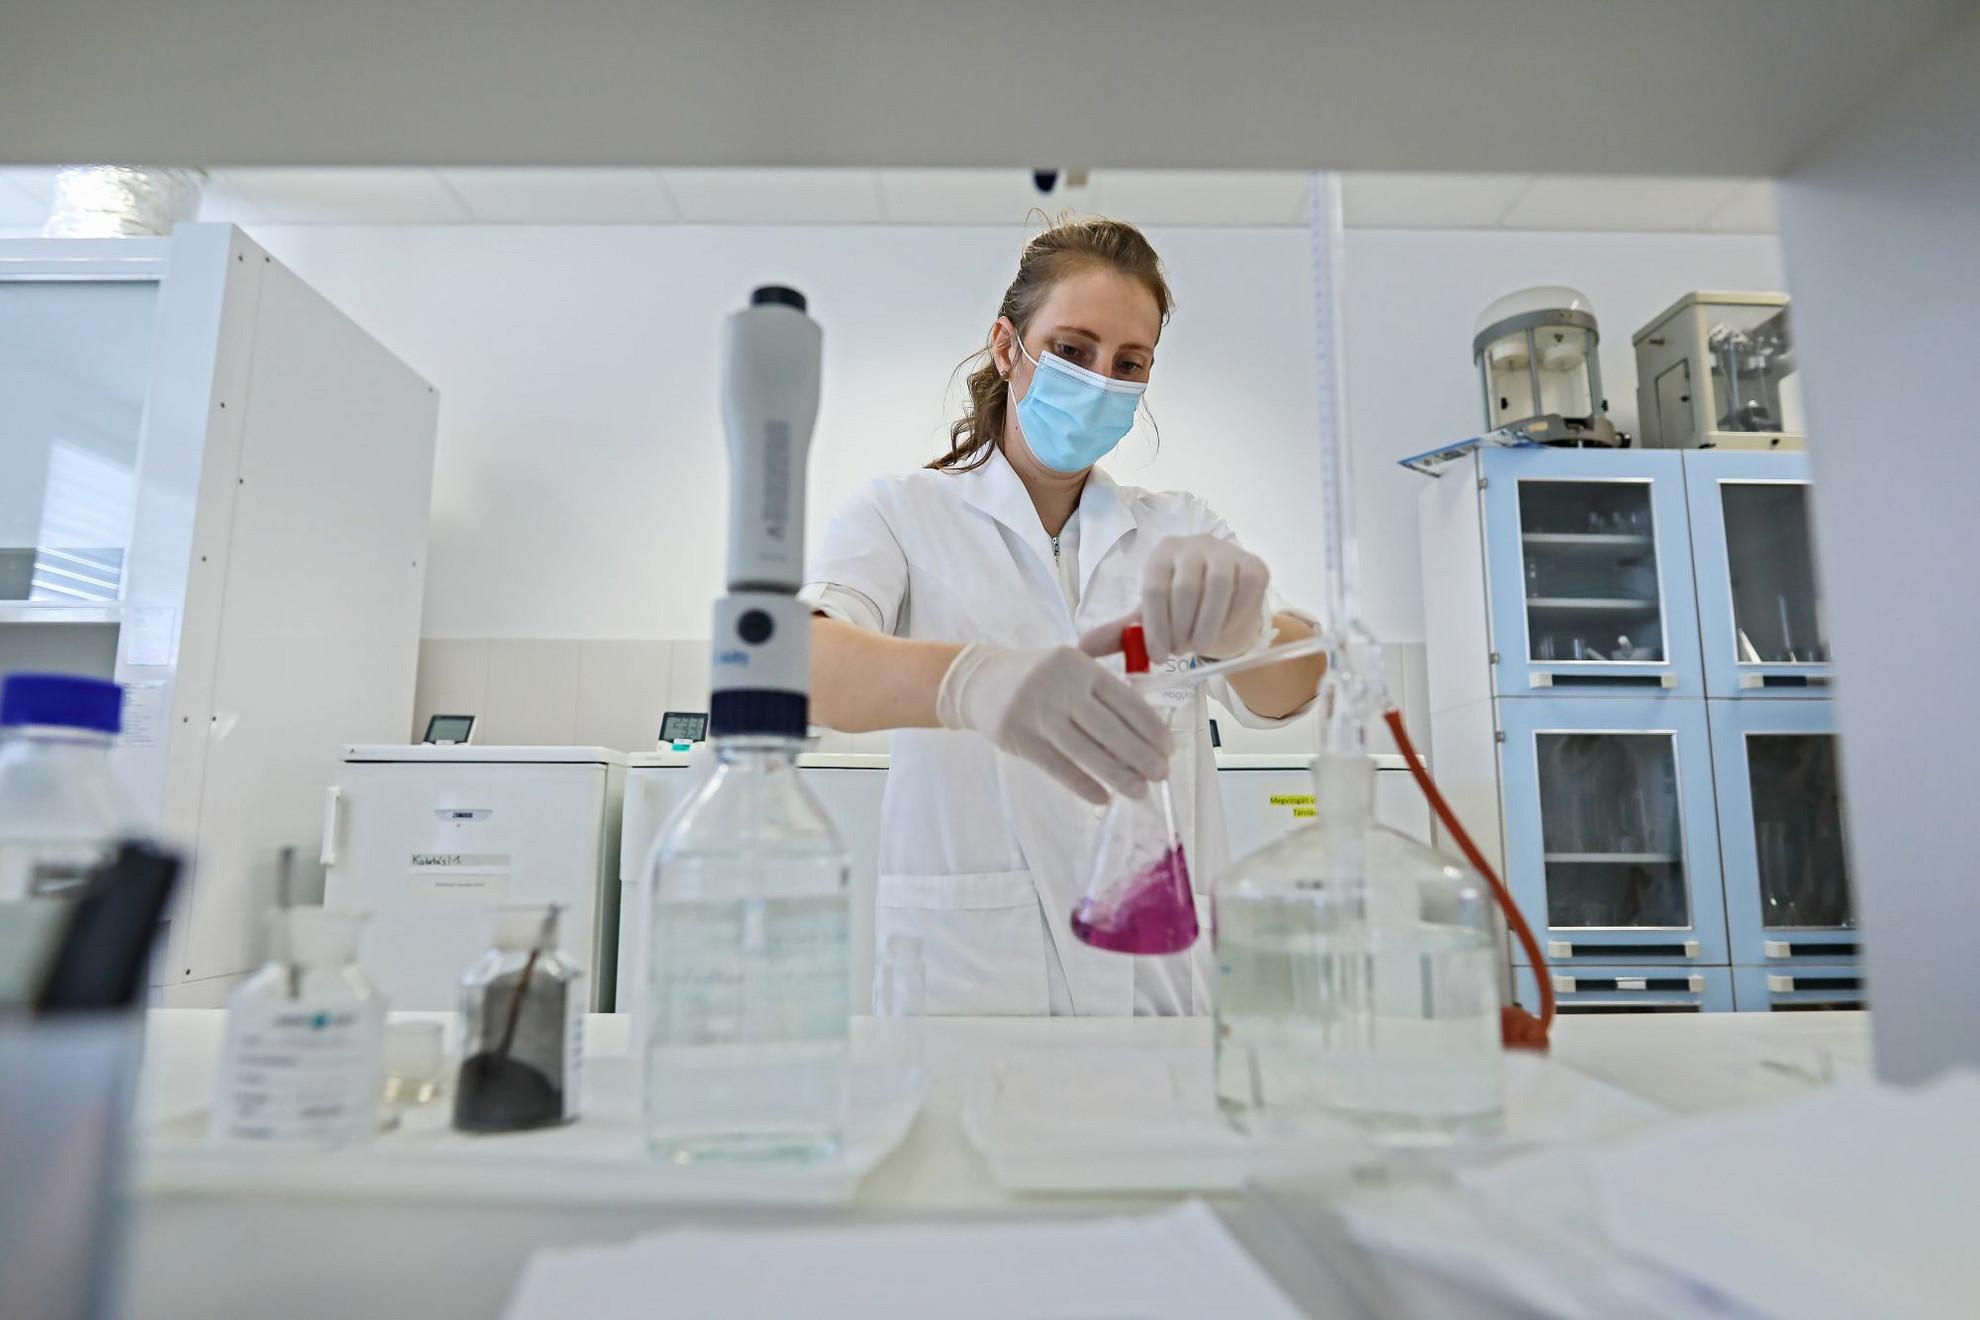 Szennyvízkezelés, valamint a kút- és ivóvizek mikroműanyag-mentesítése is a kutatási program része